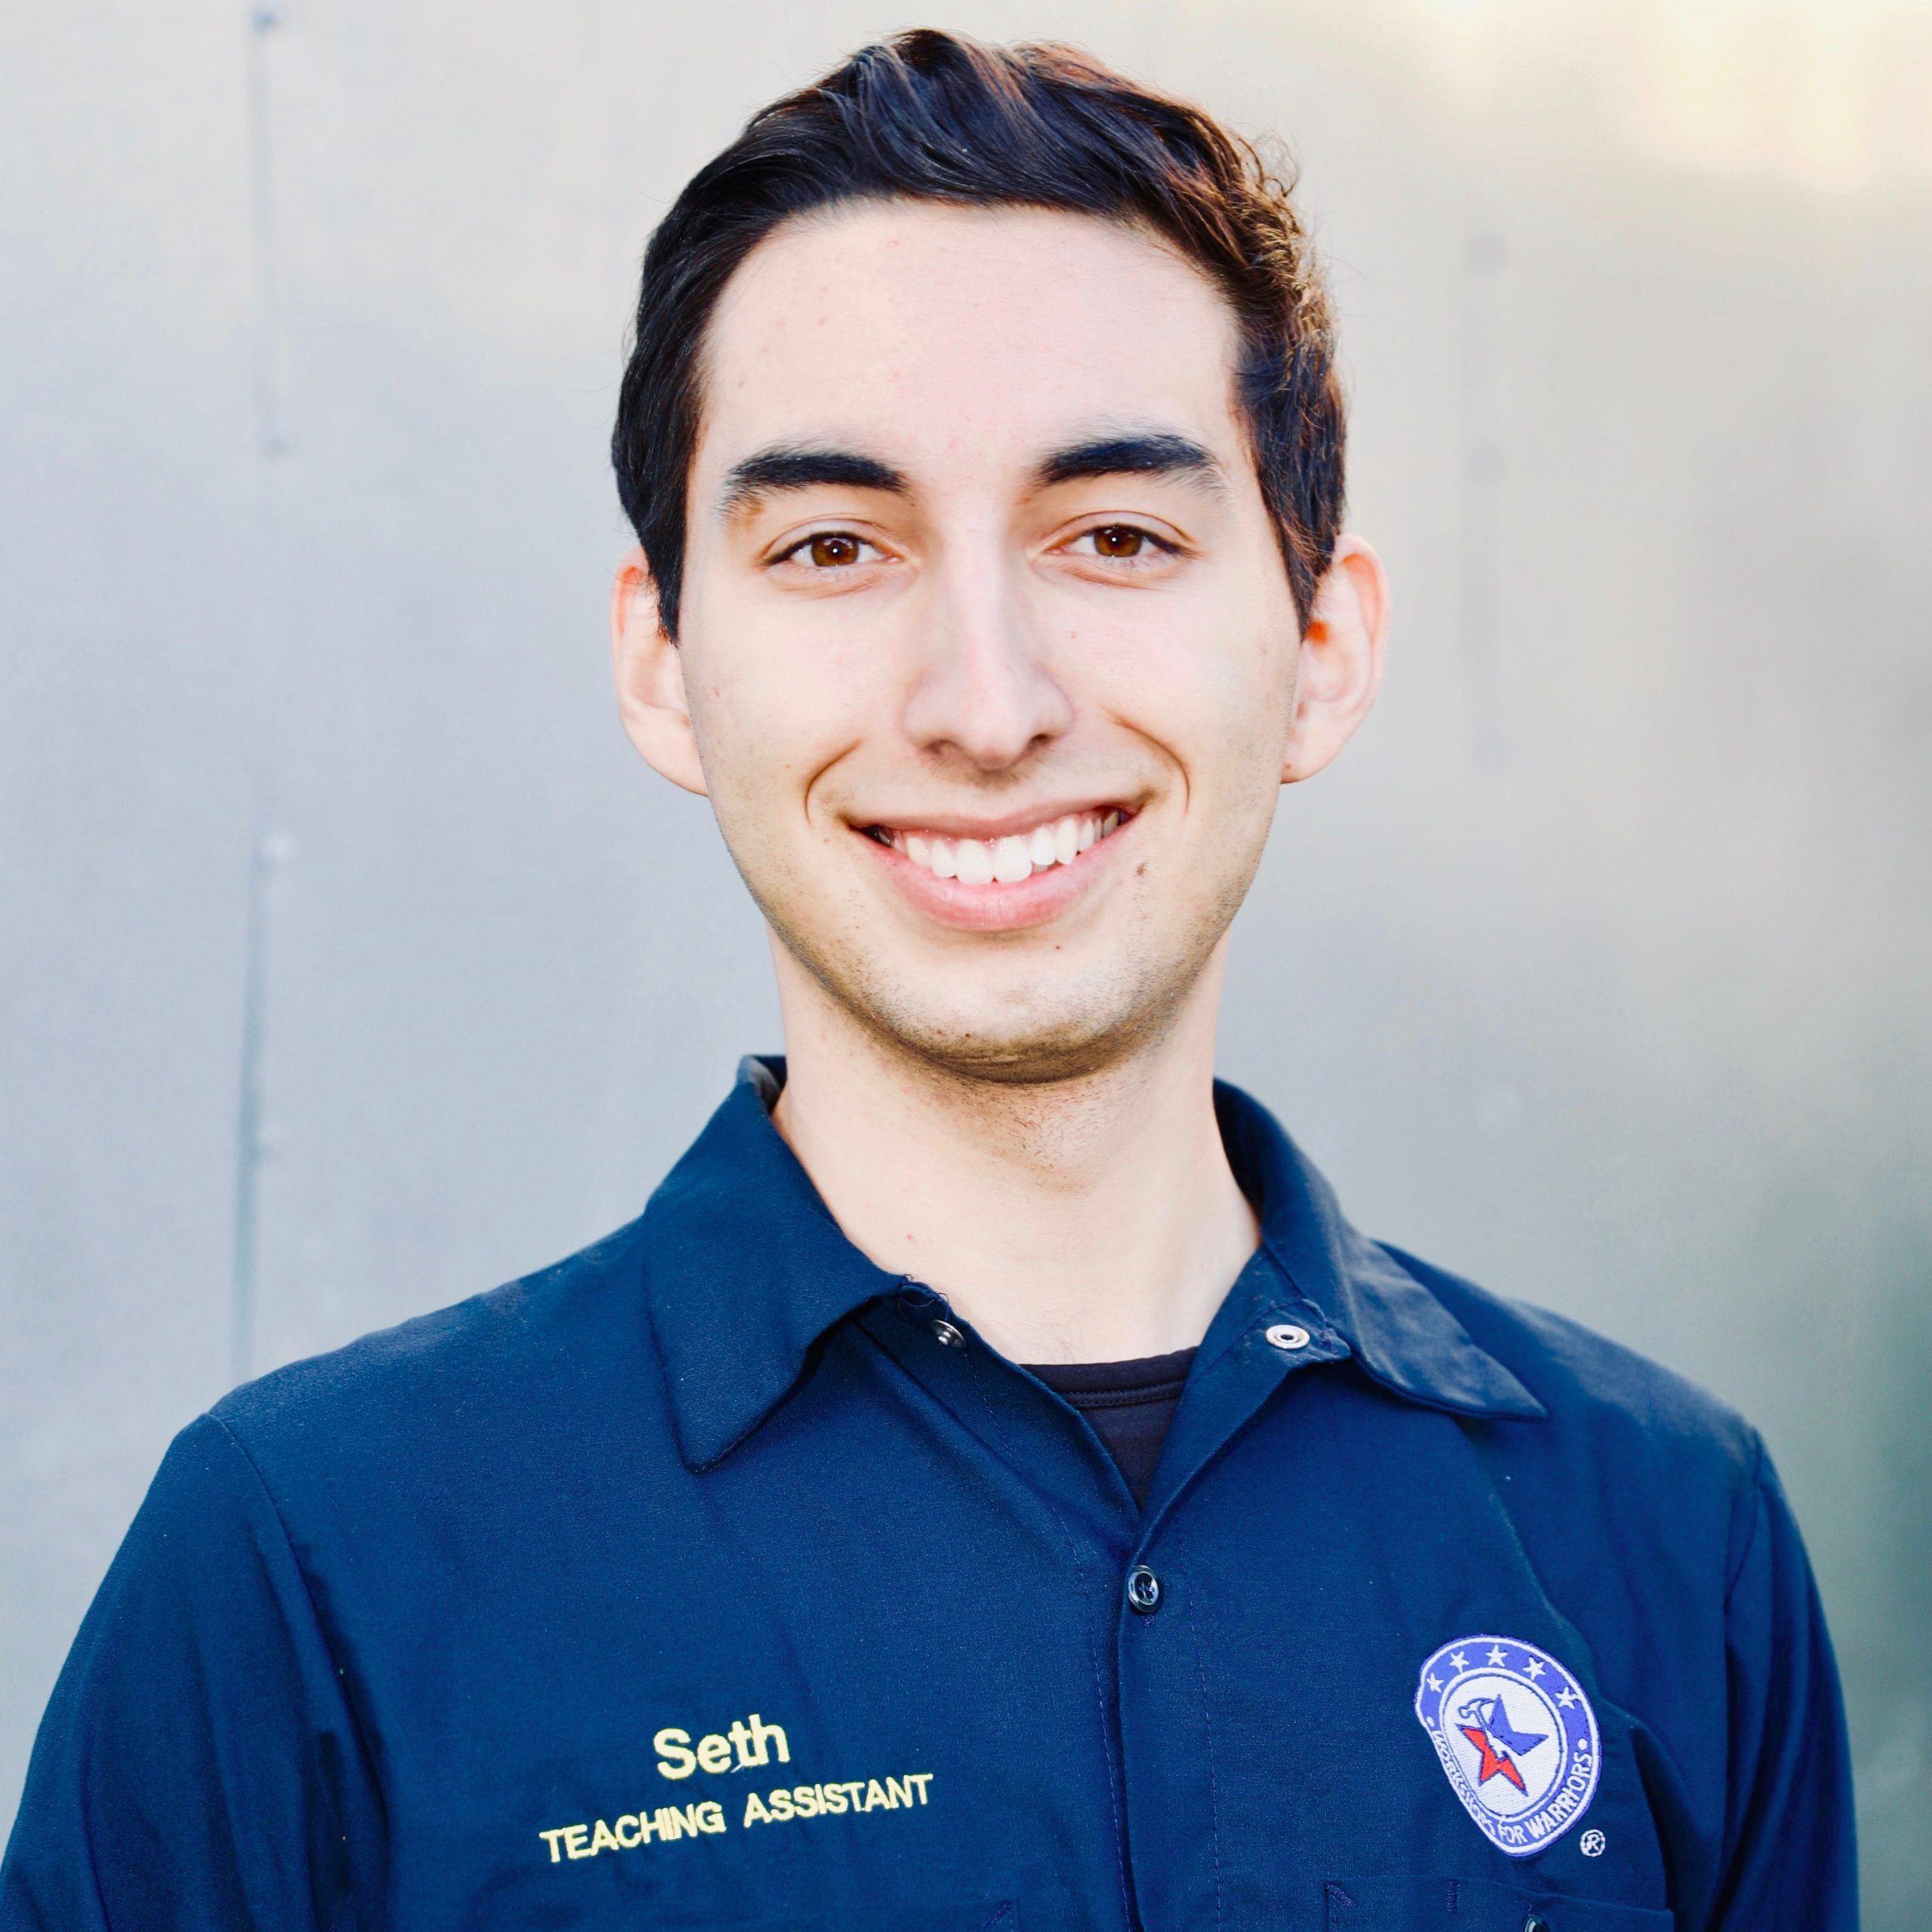 Seth Sepulveda